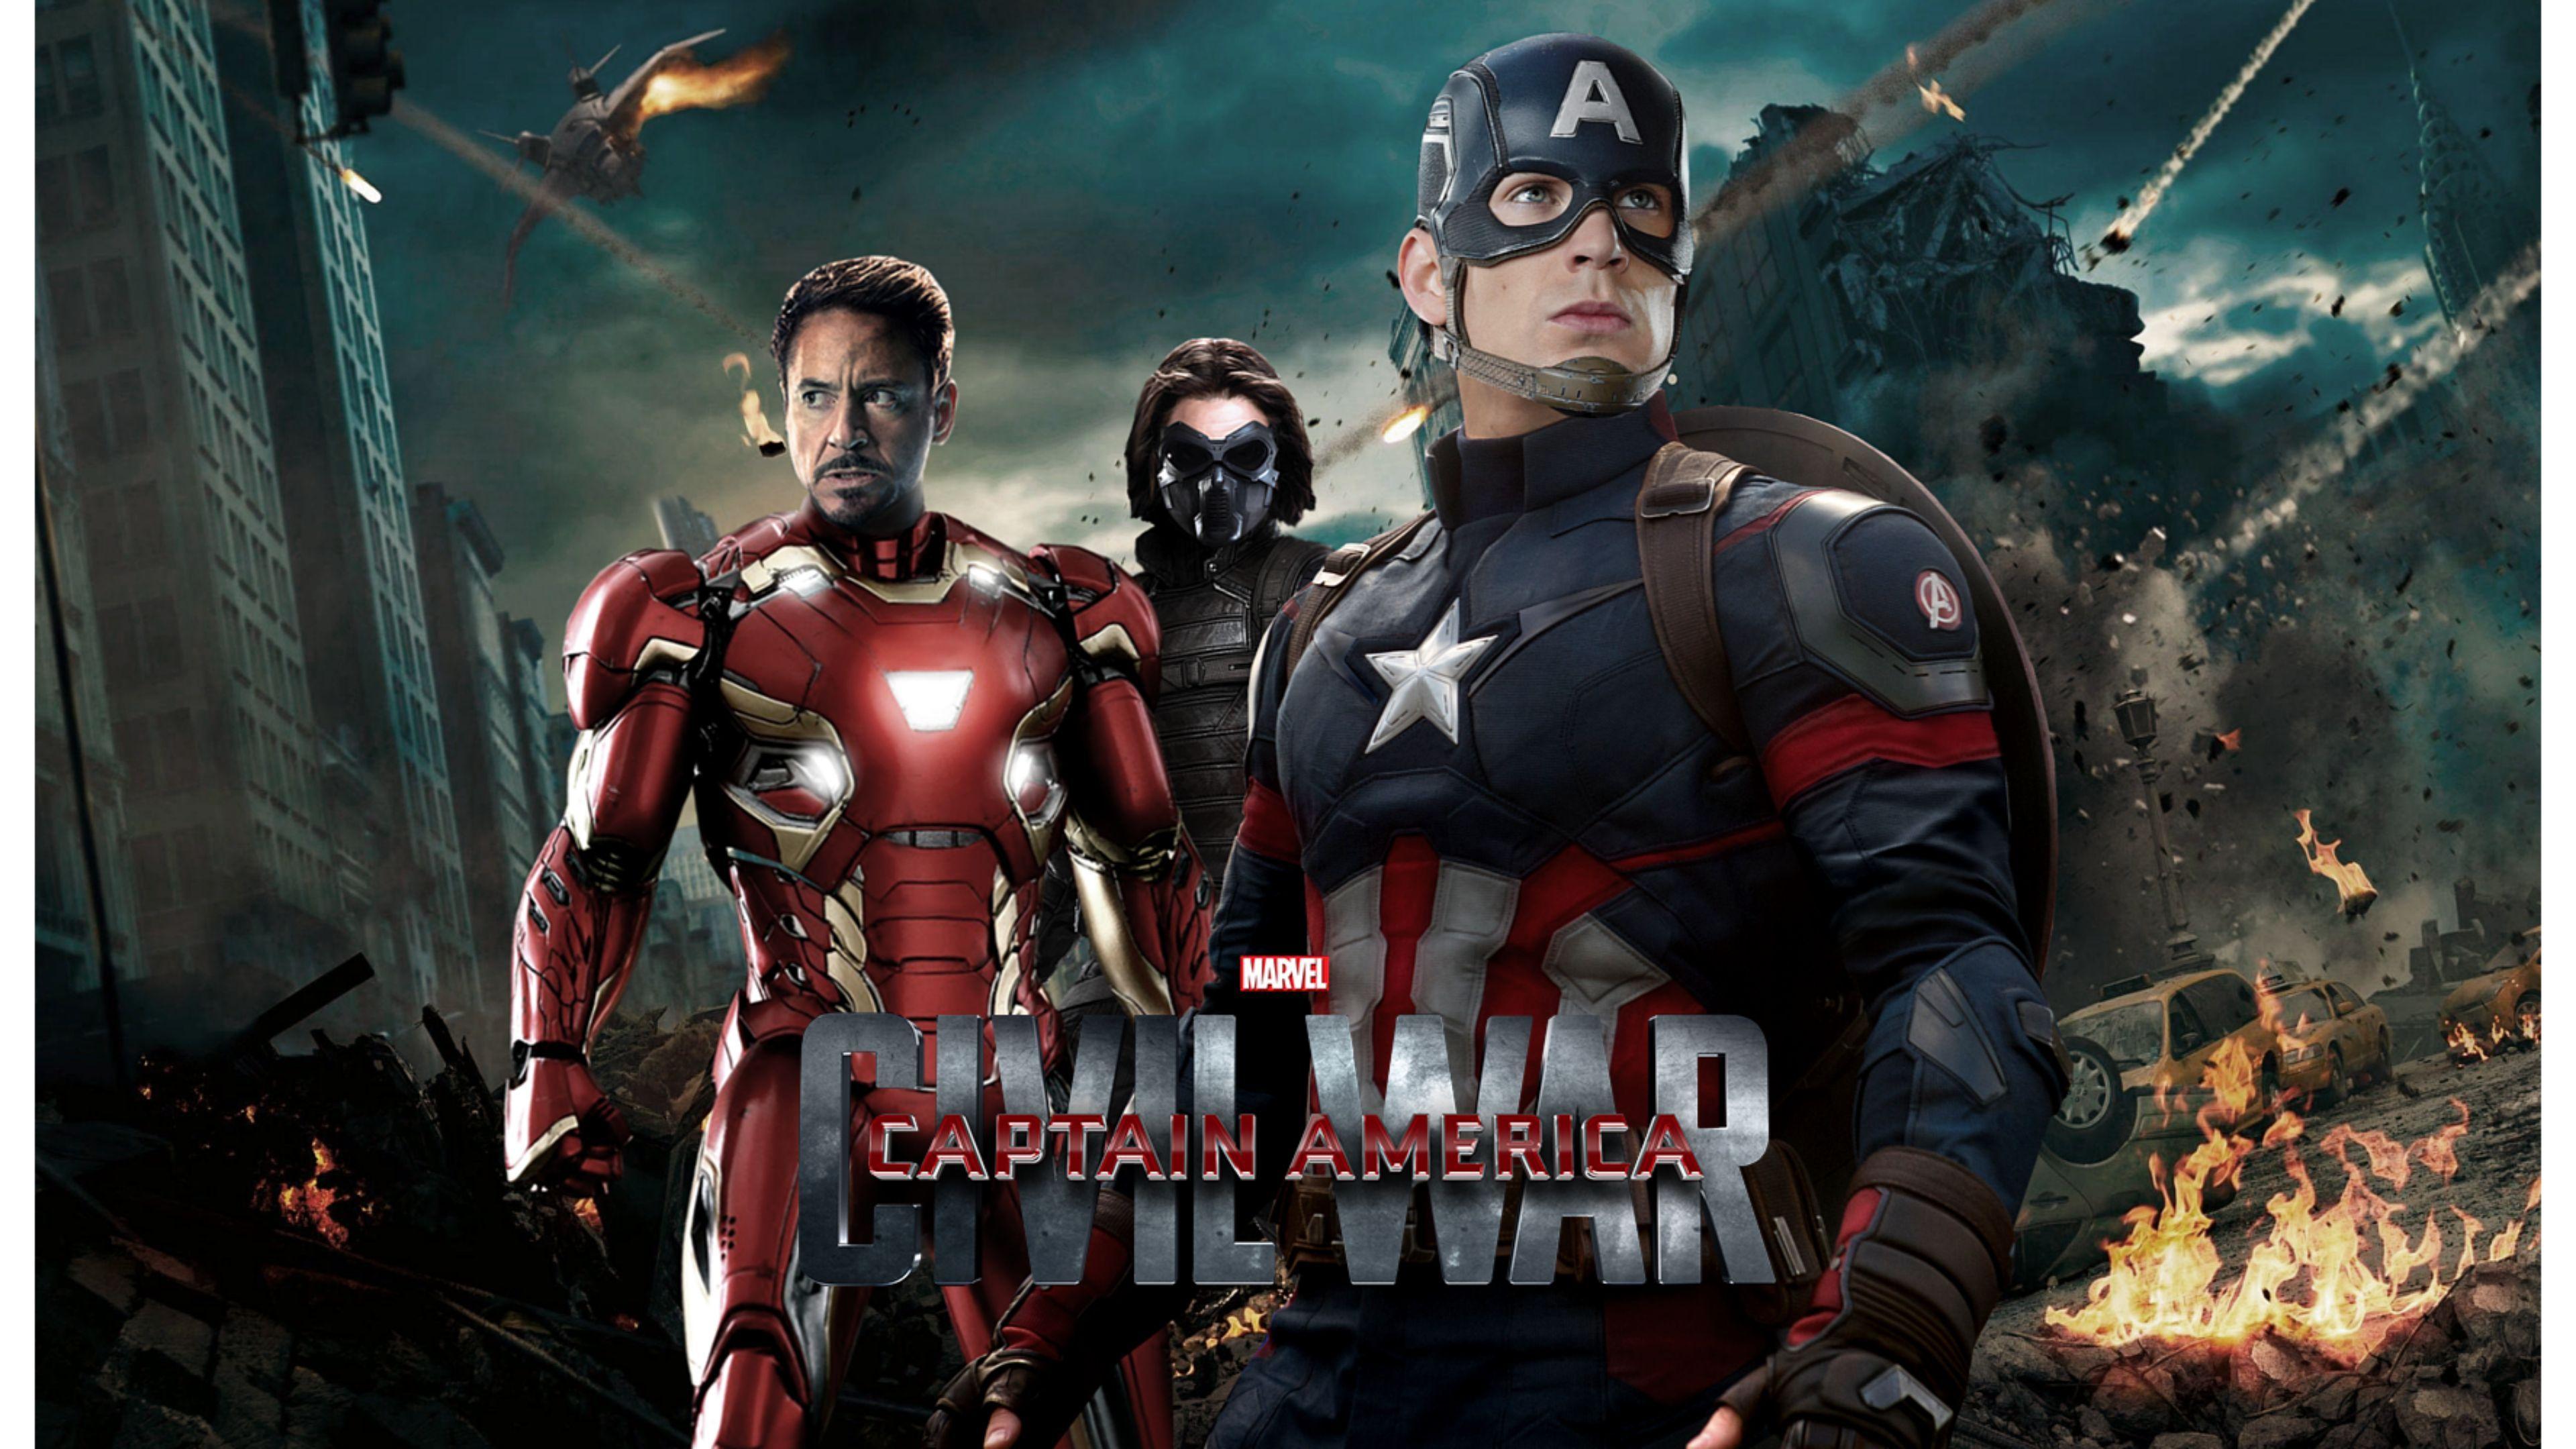 captain america civil war hd desktop wallpapers | wallpapers